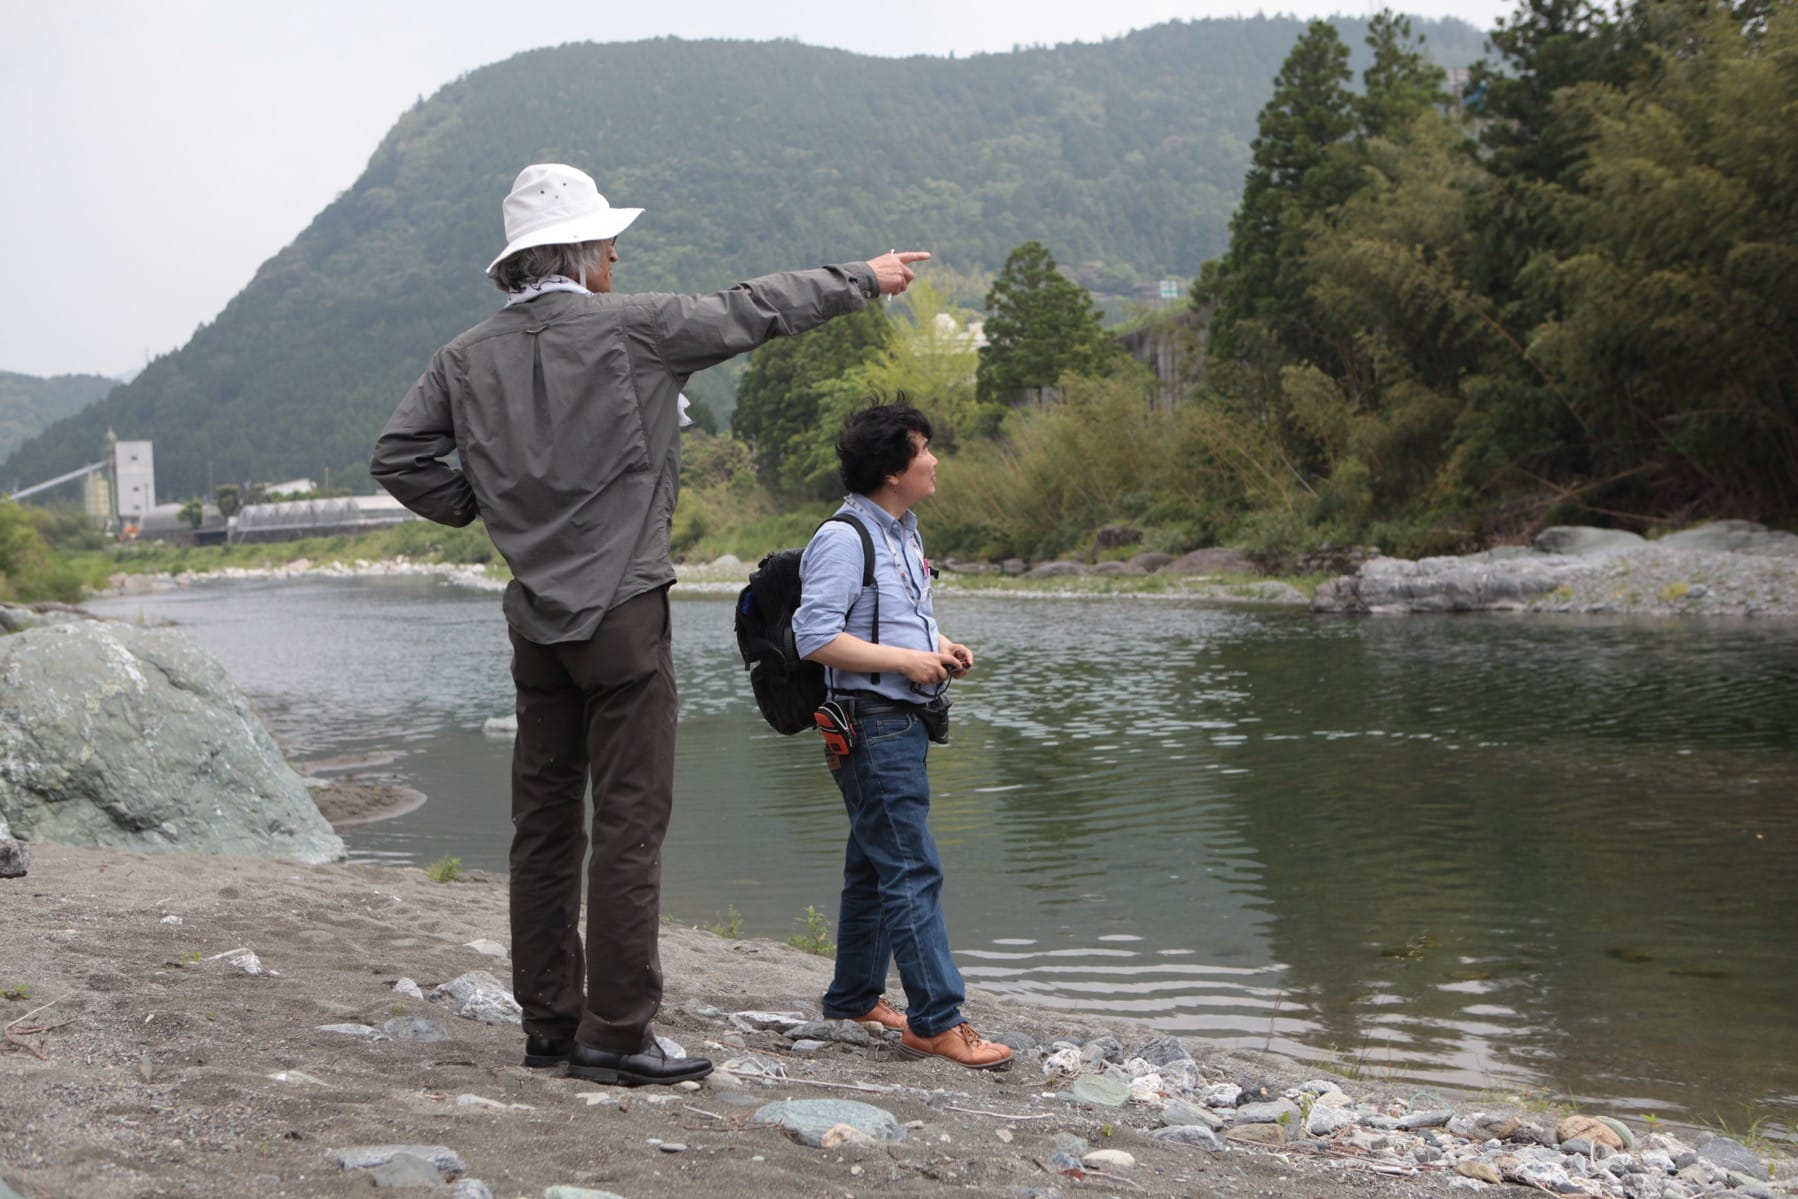 青雲寮眼下の鮎喰川に降りて調査する、田瀬さんと「神山町のあす環境デザイン共同企業体」のおひとりで、建築家の高木雅行さん(有限会社 アルキノーバ主宰)